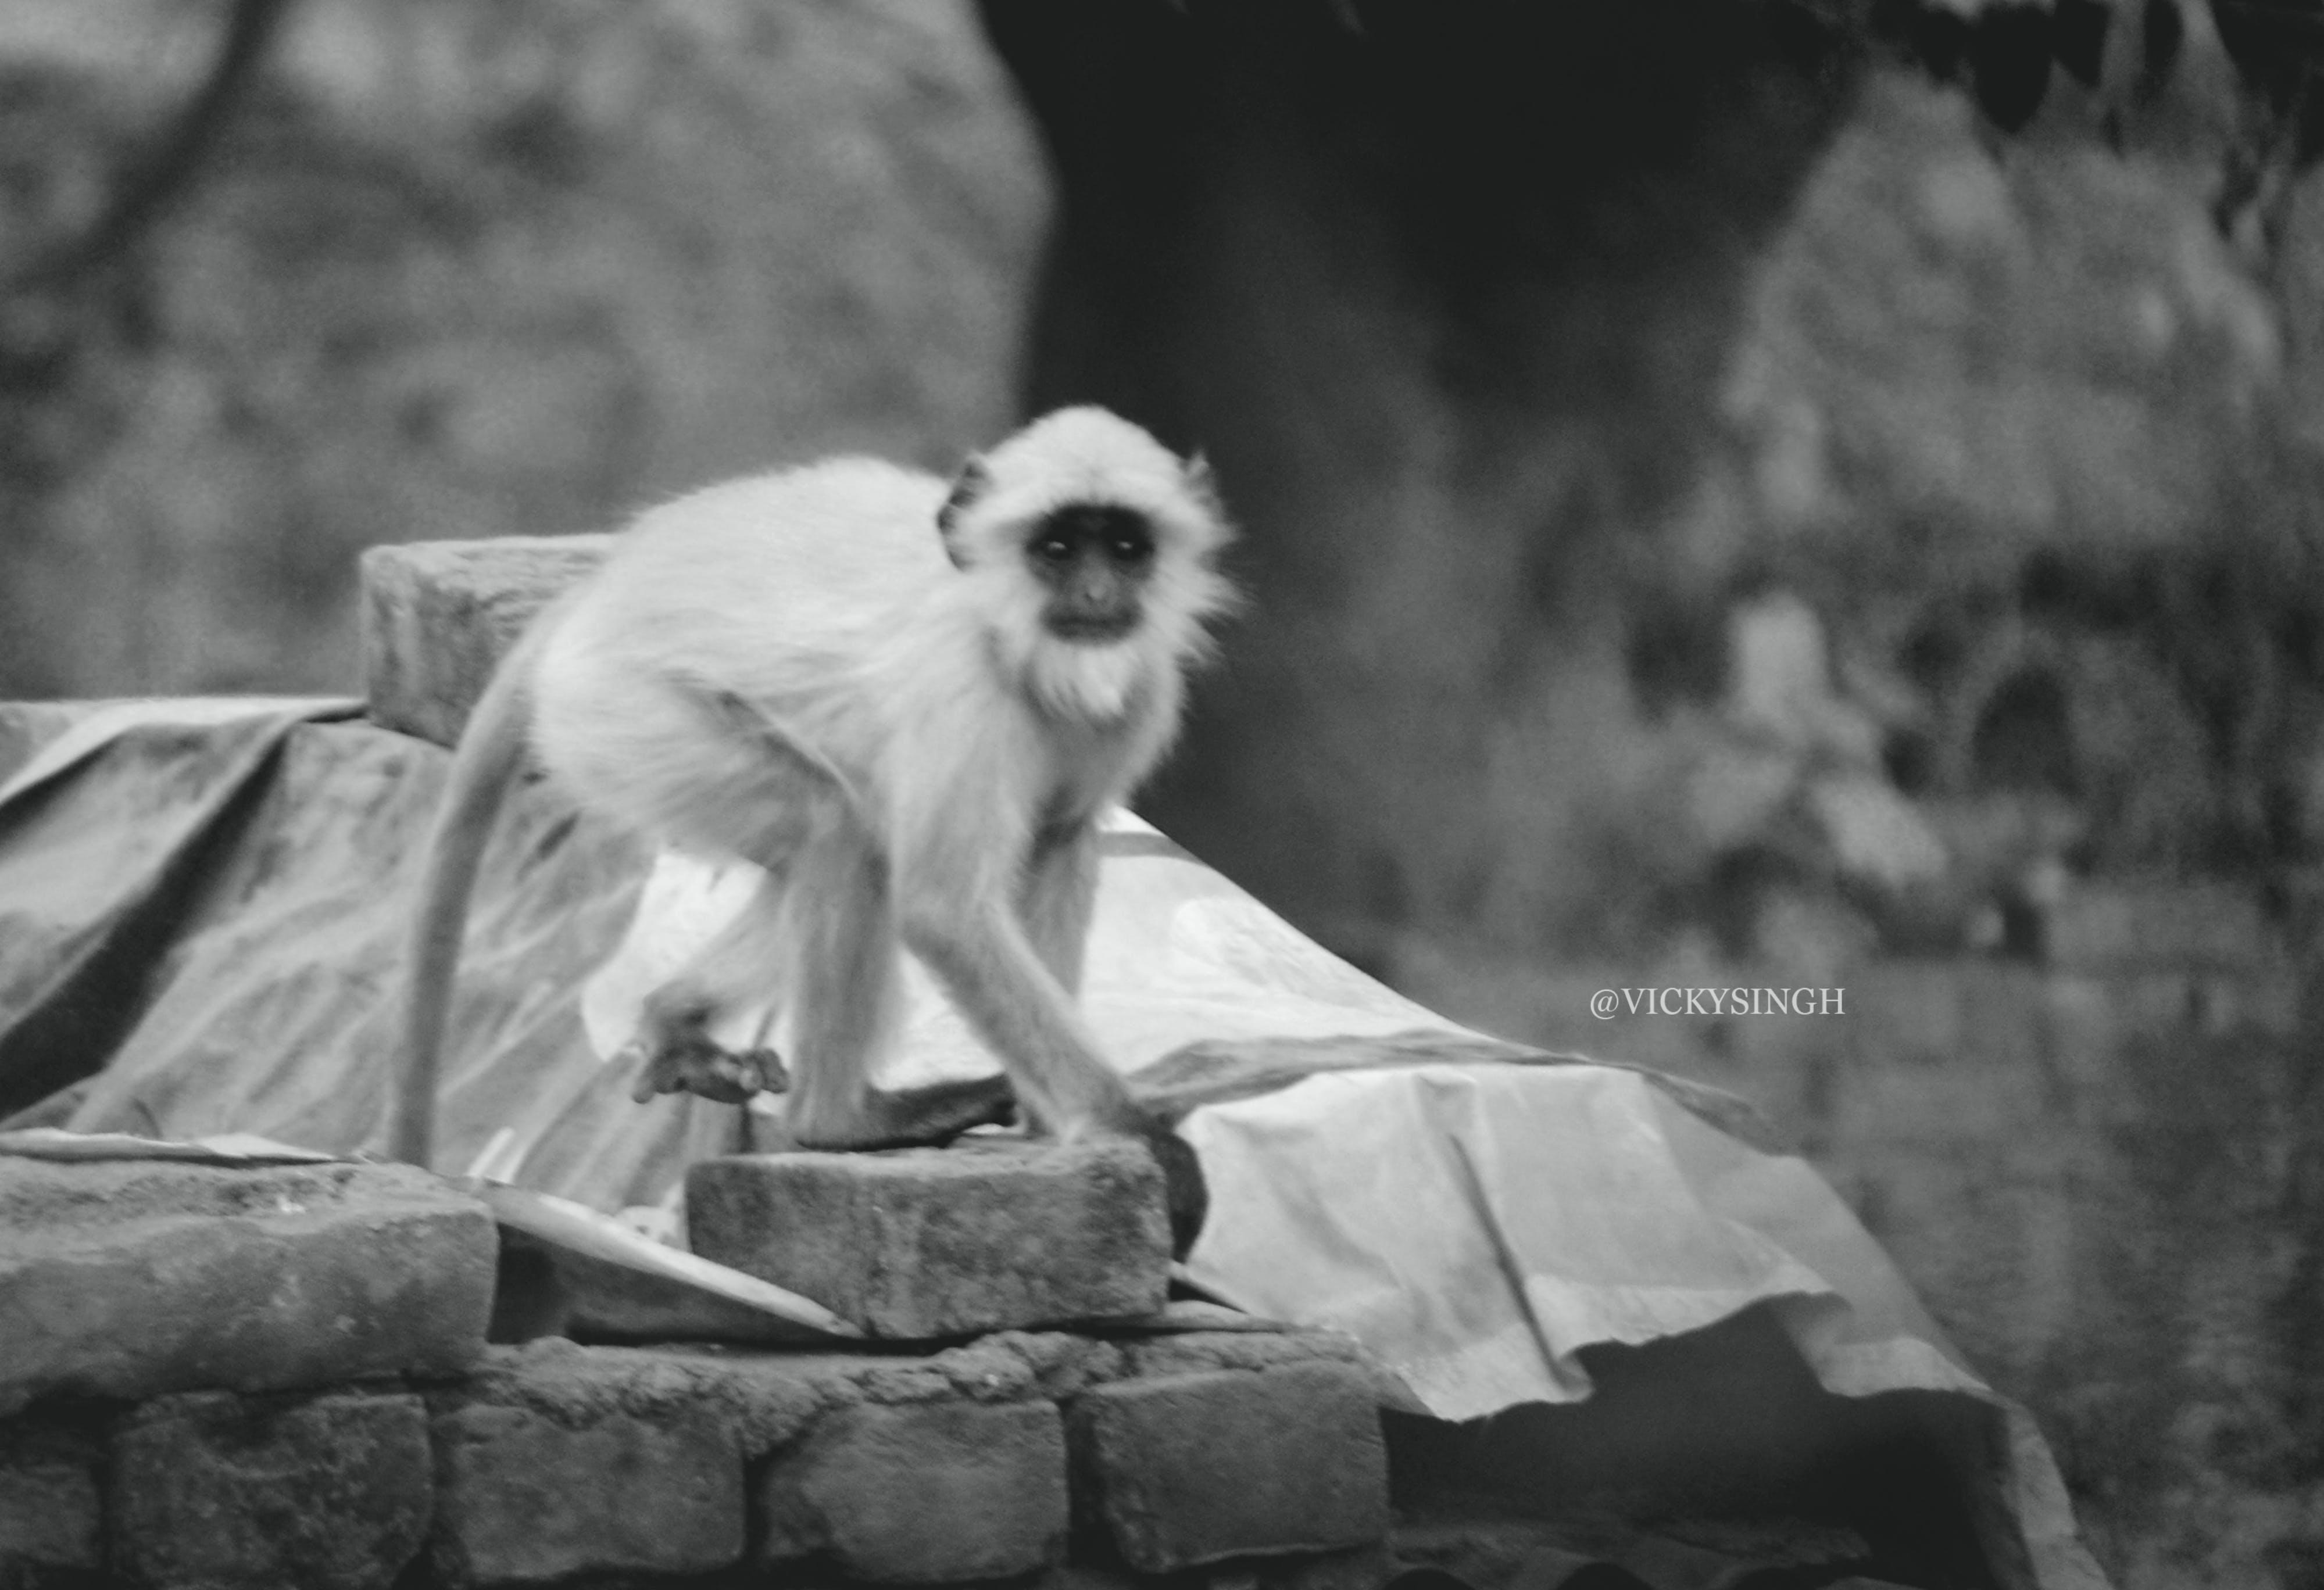 Free stock photo of Adobe Photoshop, animal photography, baby monkey, black and white